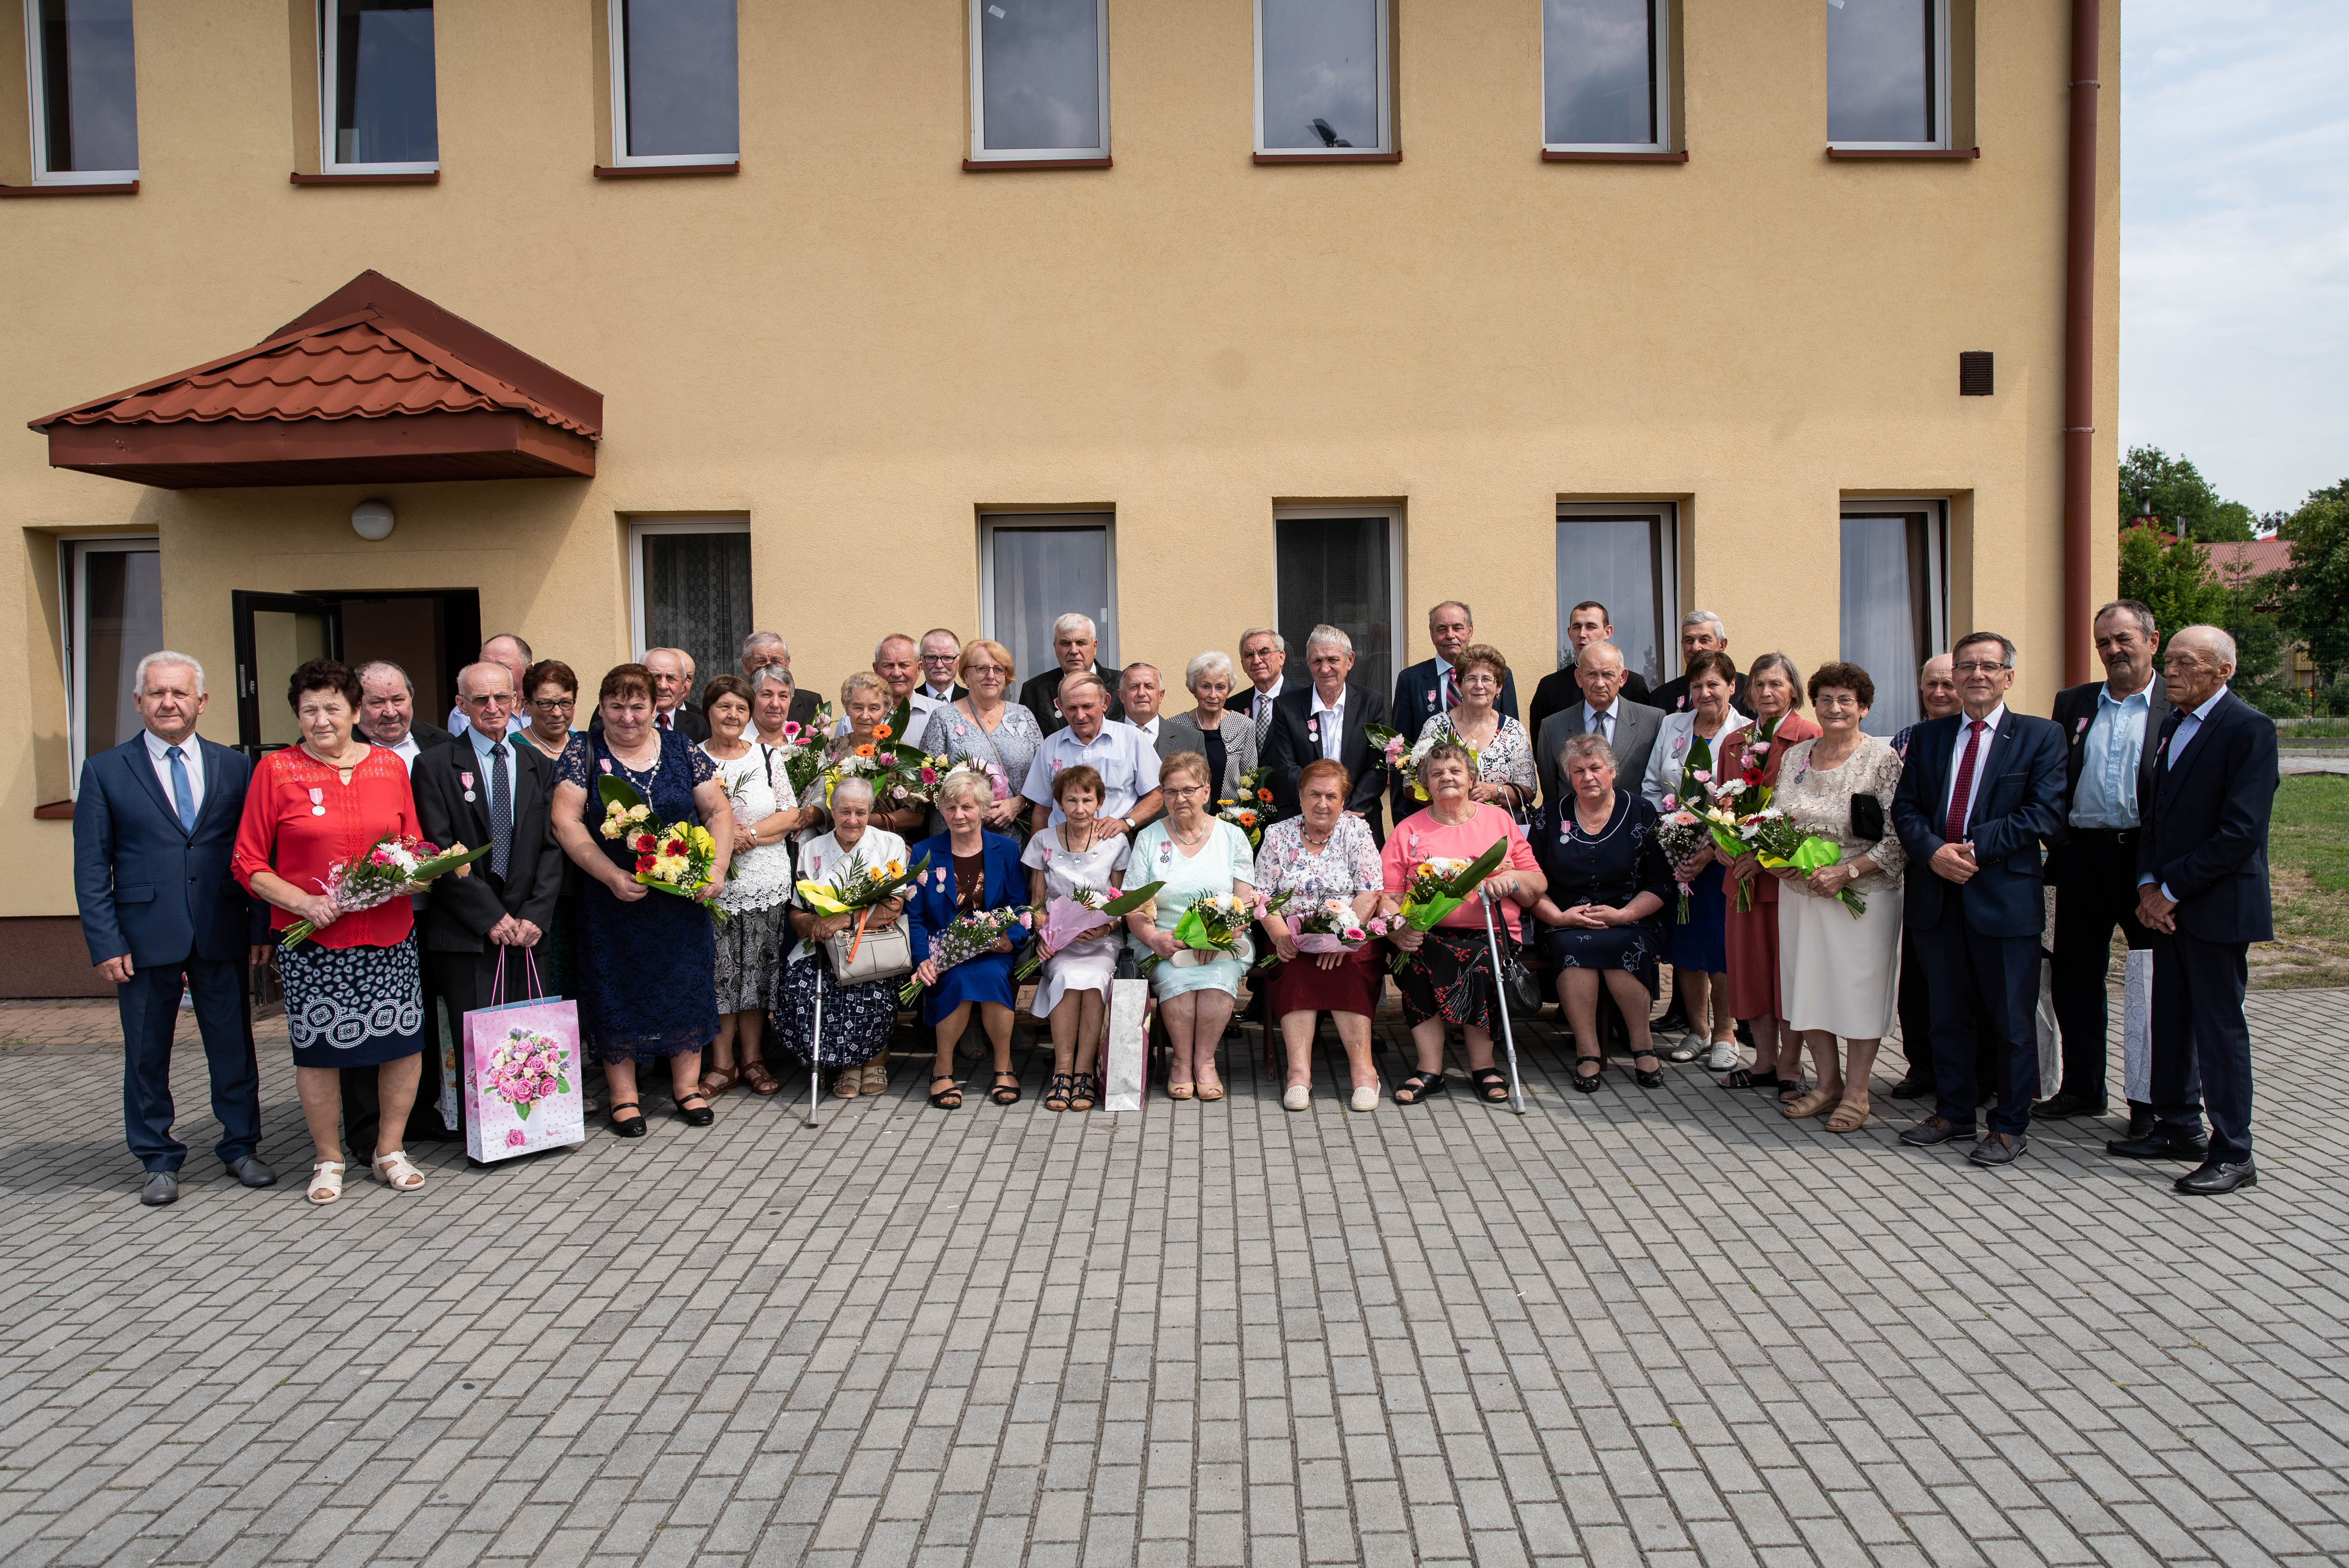 22 pary z gminy Raniżów obchodziły w tym roku złoty jubileusz pożycia małżeńskiego - Zdjęcie główne